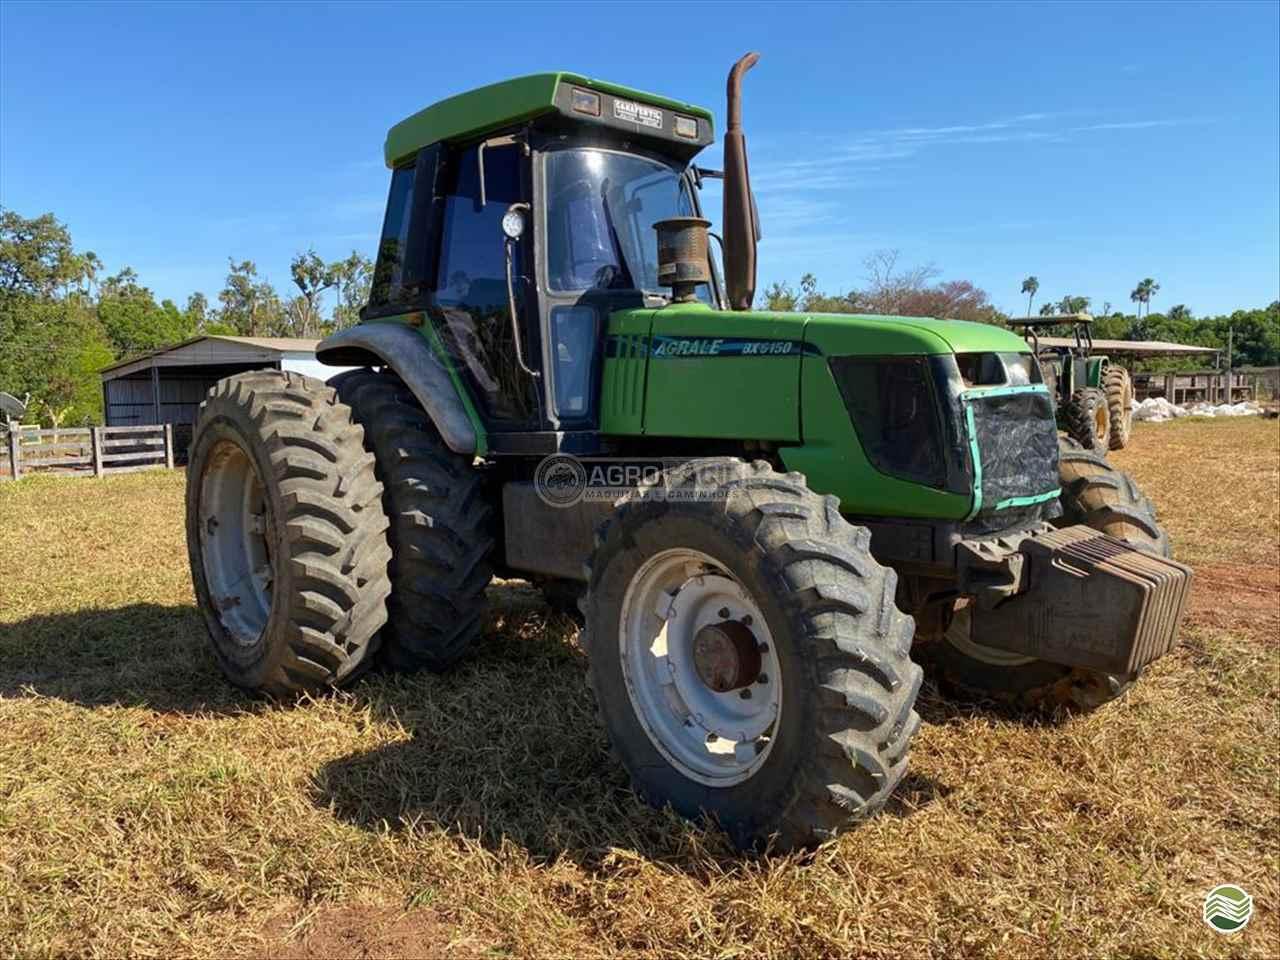 TRATOR AGRALE AGRALE BX 6150 Tração 4x4 Agro Fácil Máquinas PRIMAVERA DO LESTE MATO GROSSO MT